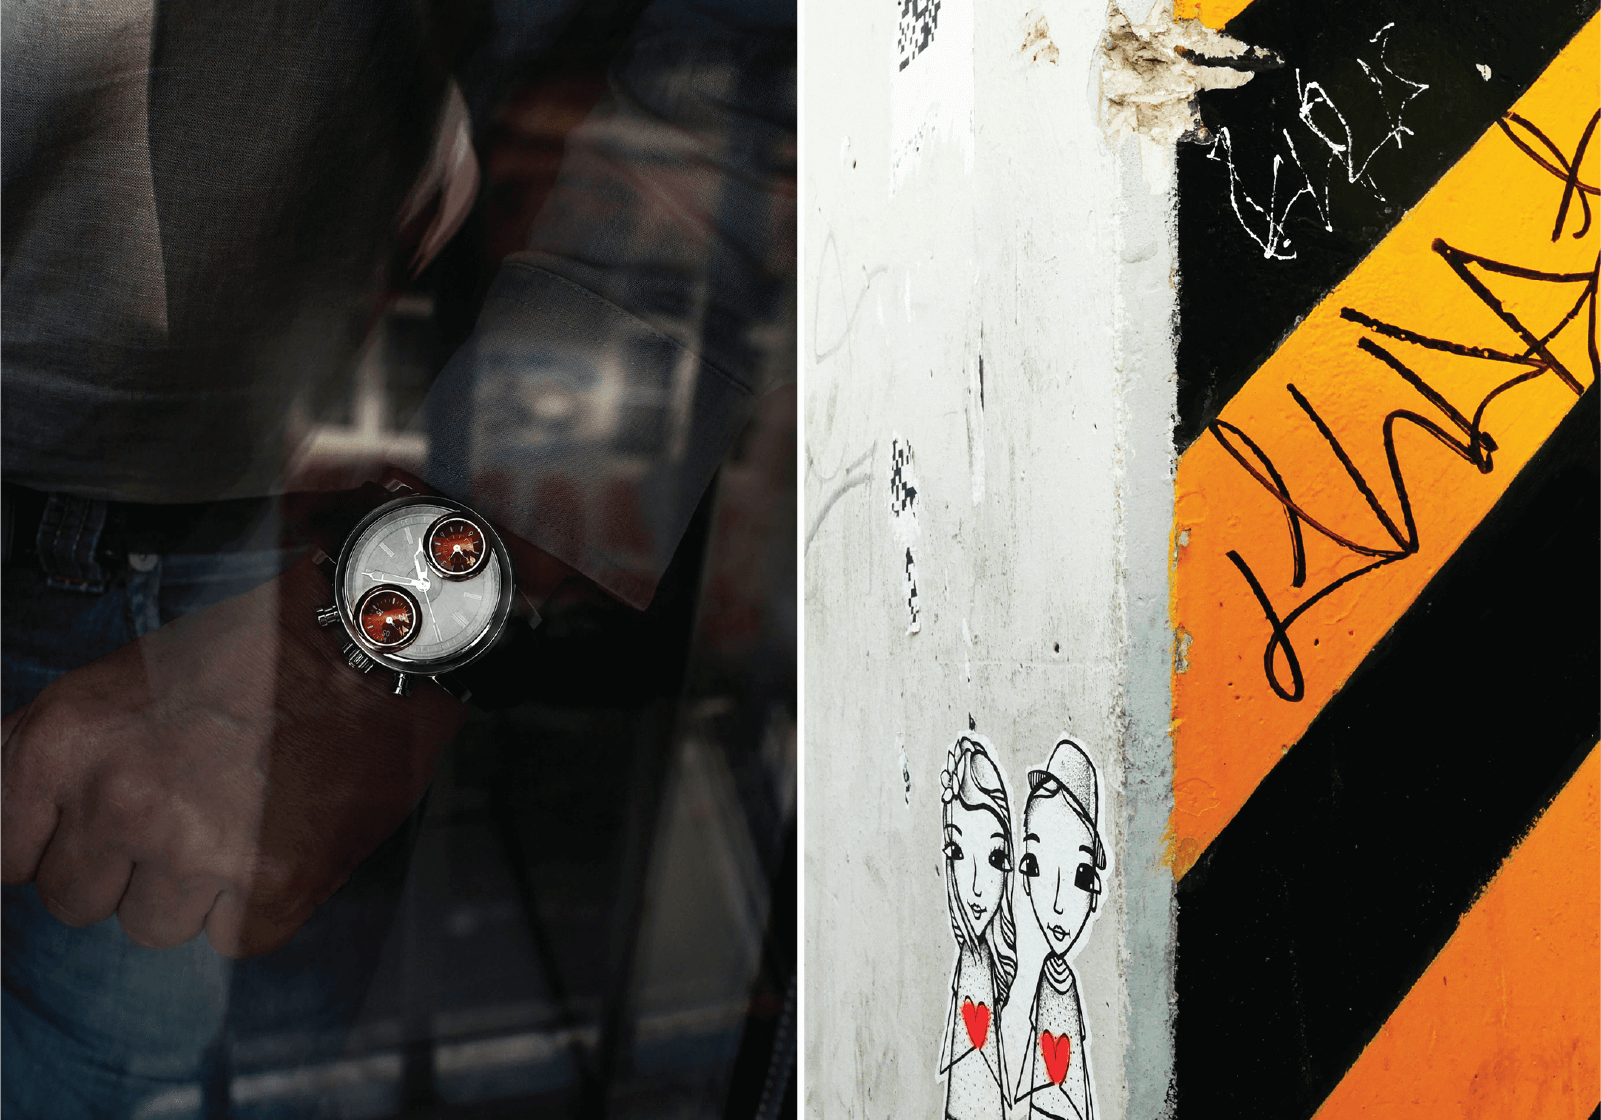 Graham | Swordfish | Ref. 2SXAS.B05A Corda Automática | Aço | Ø 46 mm | Relógio cedido por Graham © Paulo Pires / Espiral do Tempo